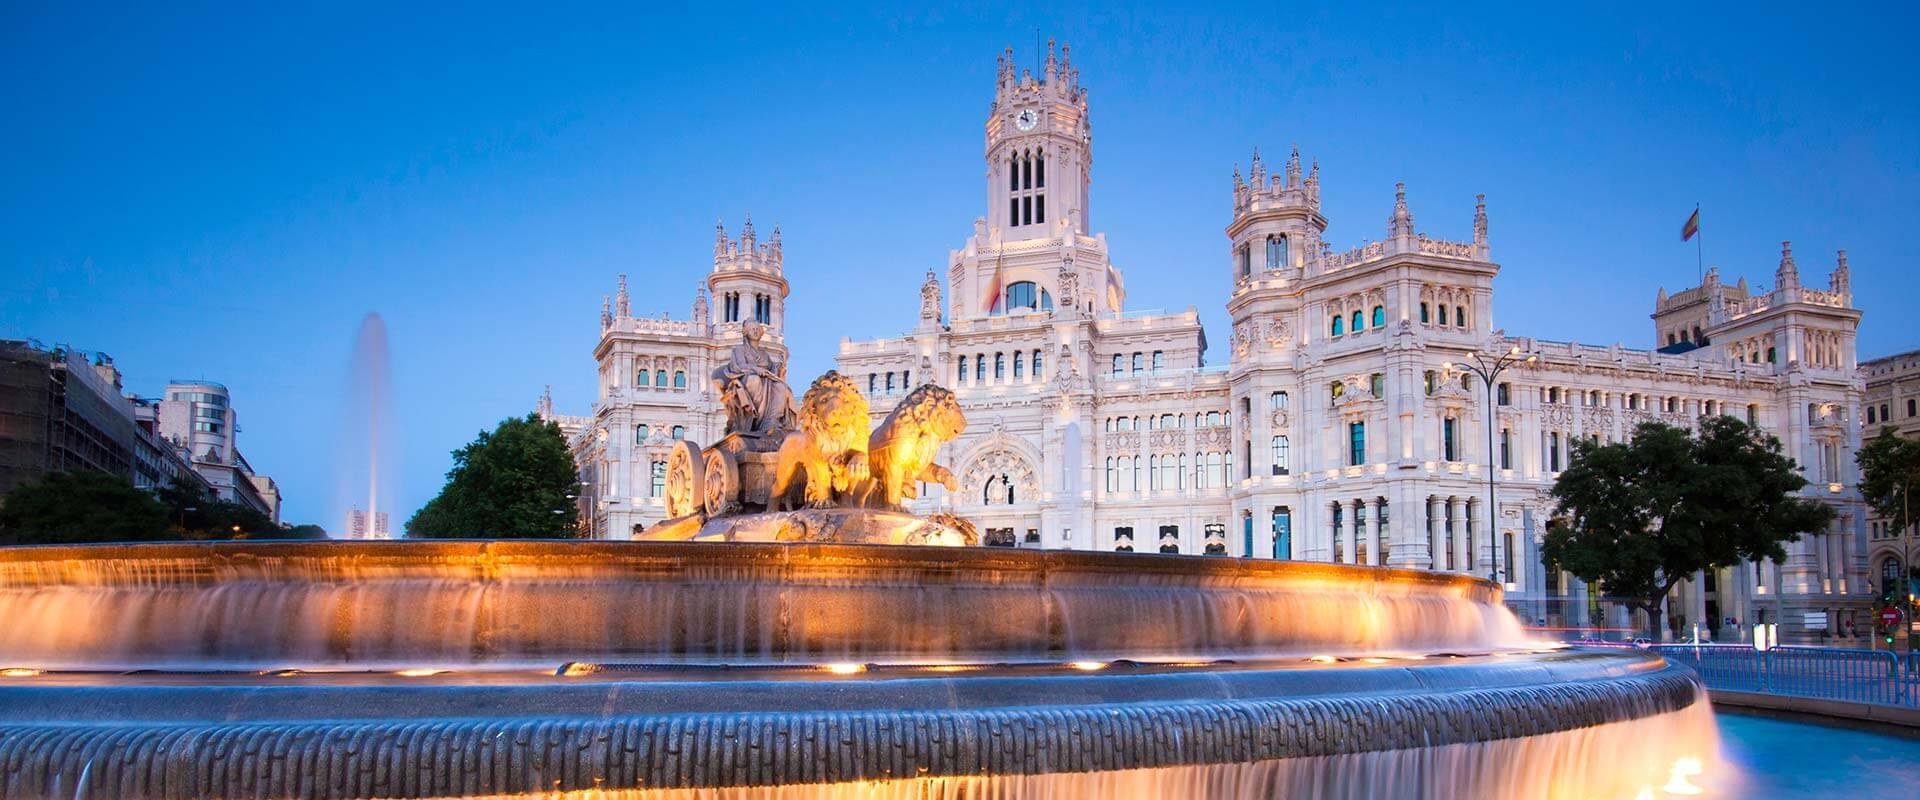 Madrid slika